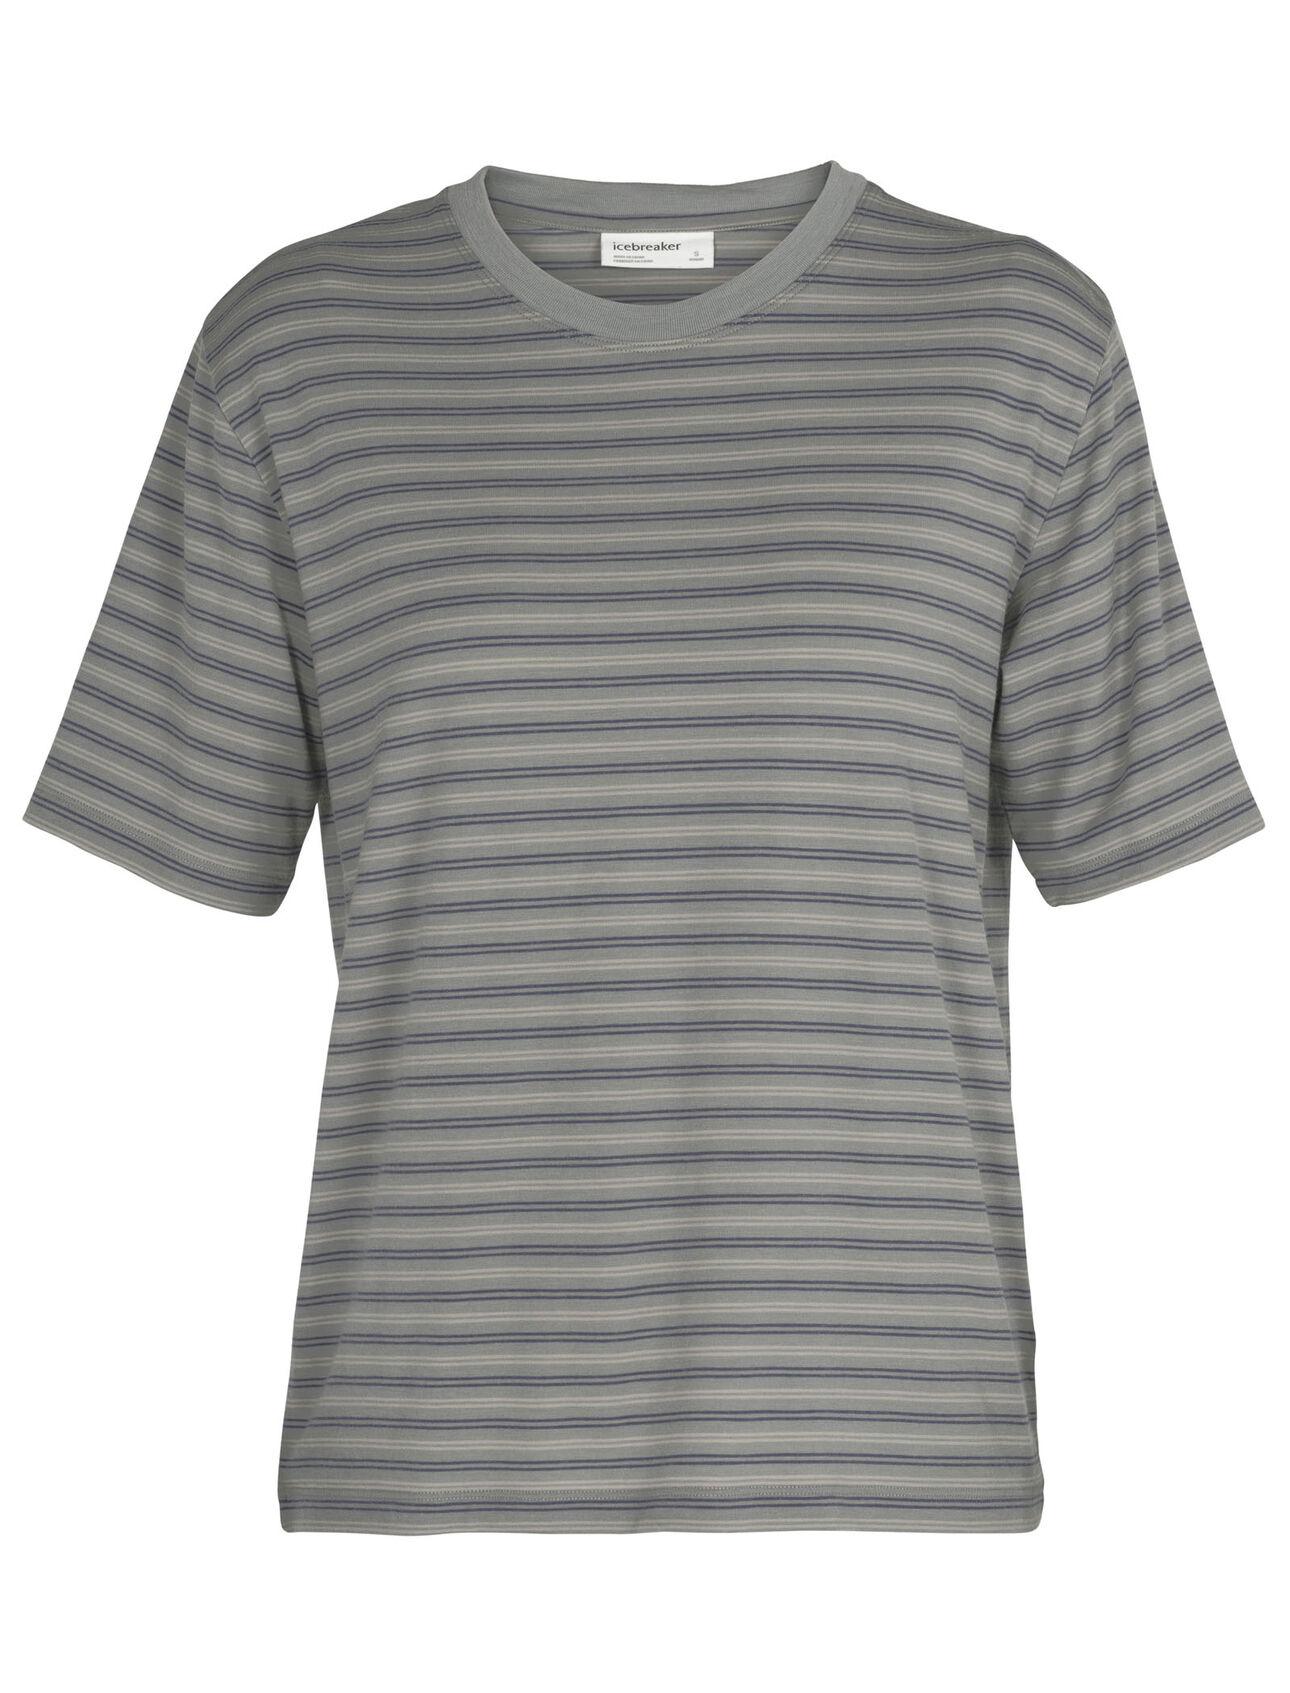 Merino 150 Short Sleeve Crewe Stripe T-Shirt